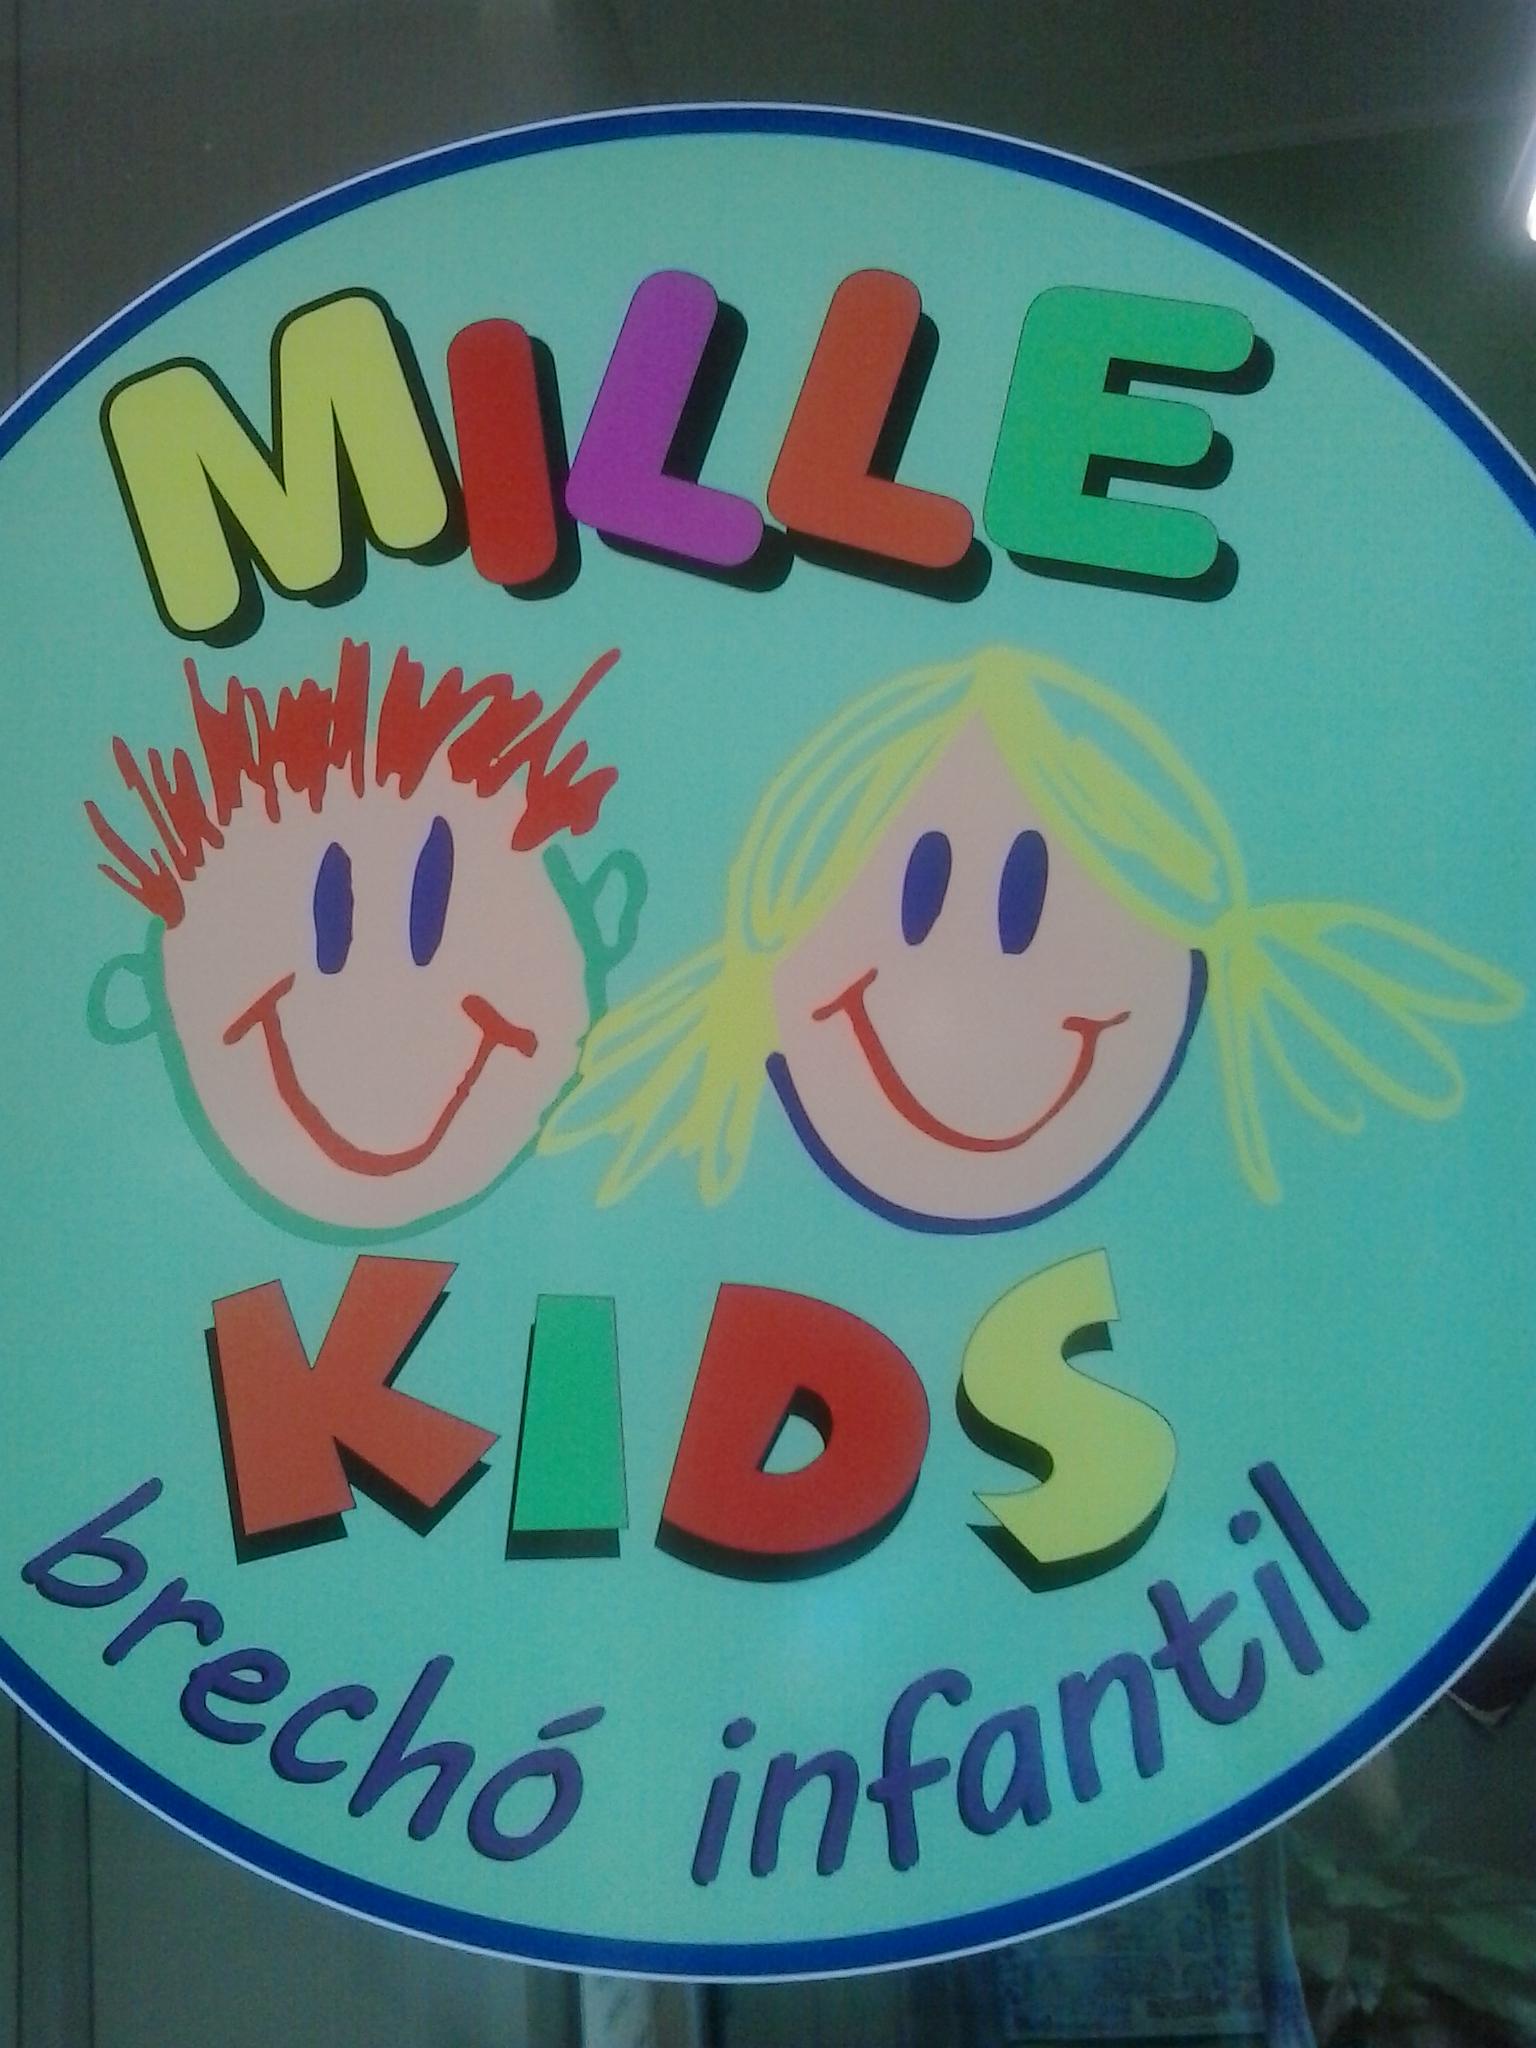 Mille kids Brechó Infantil